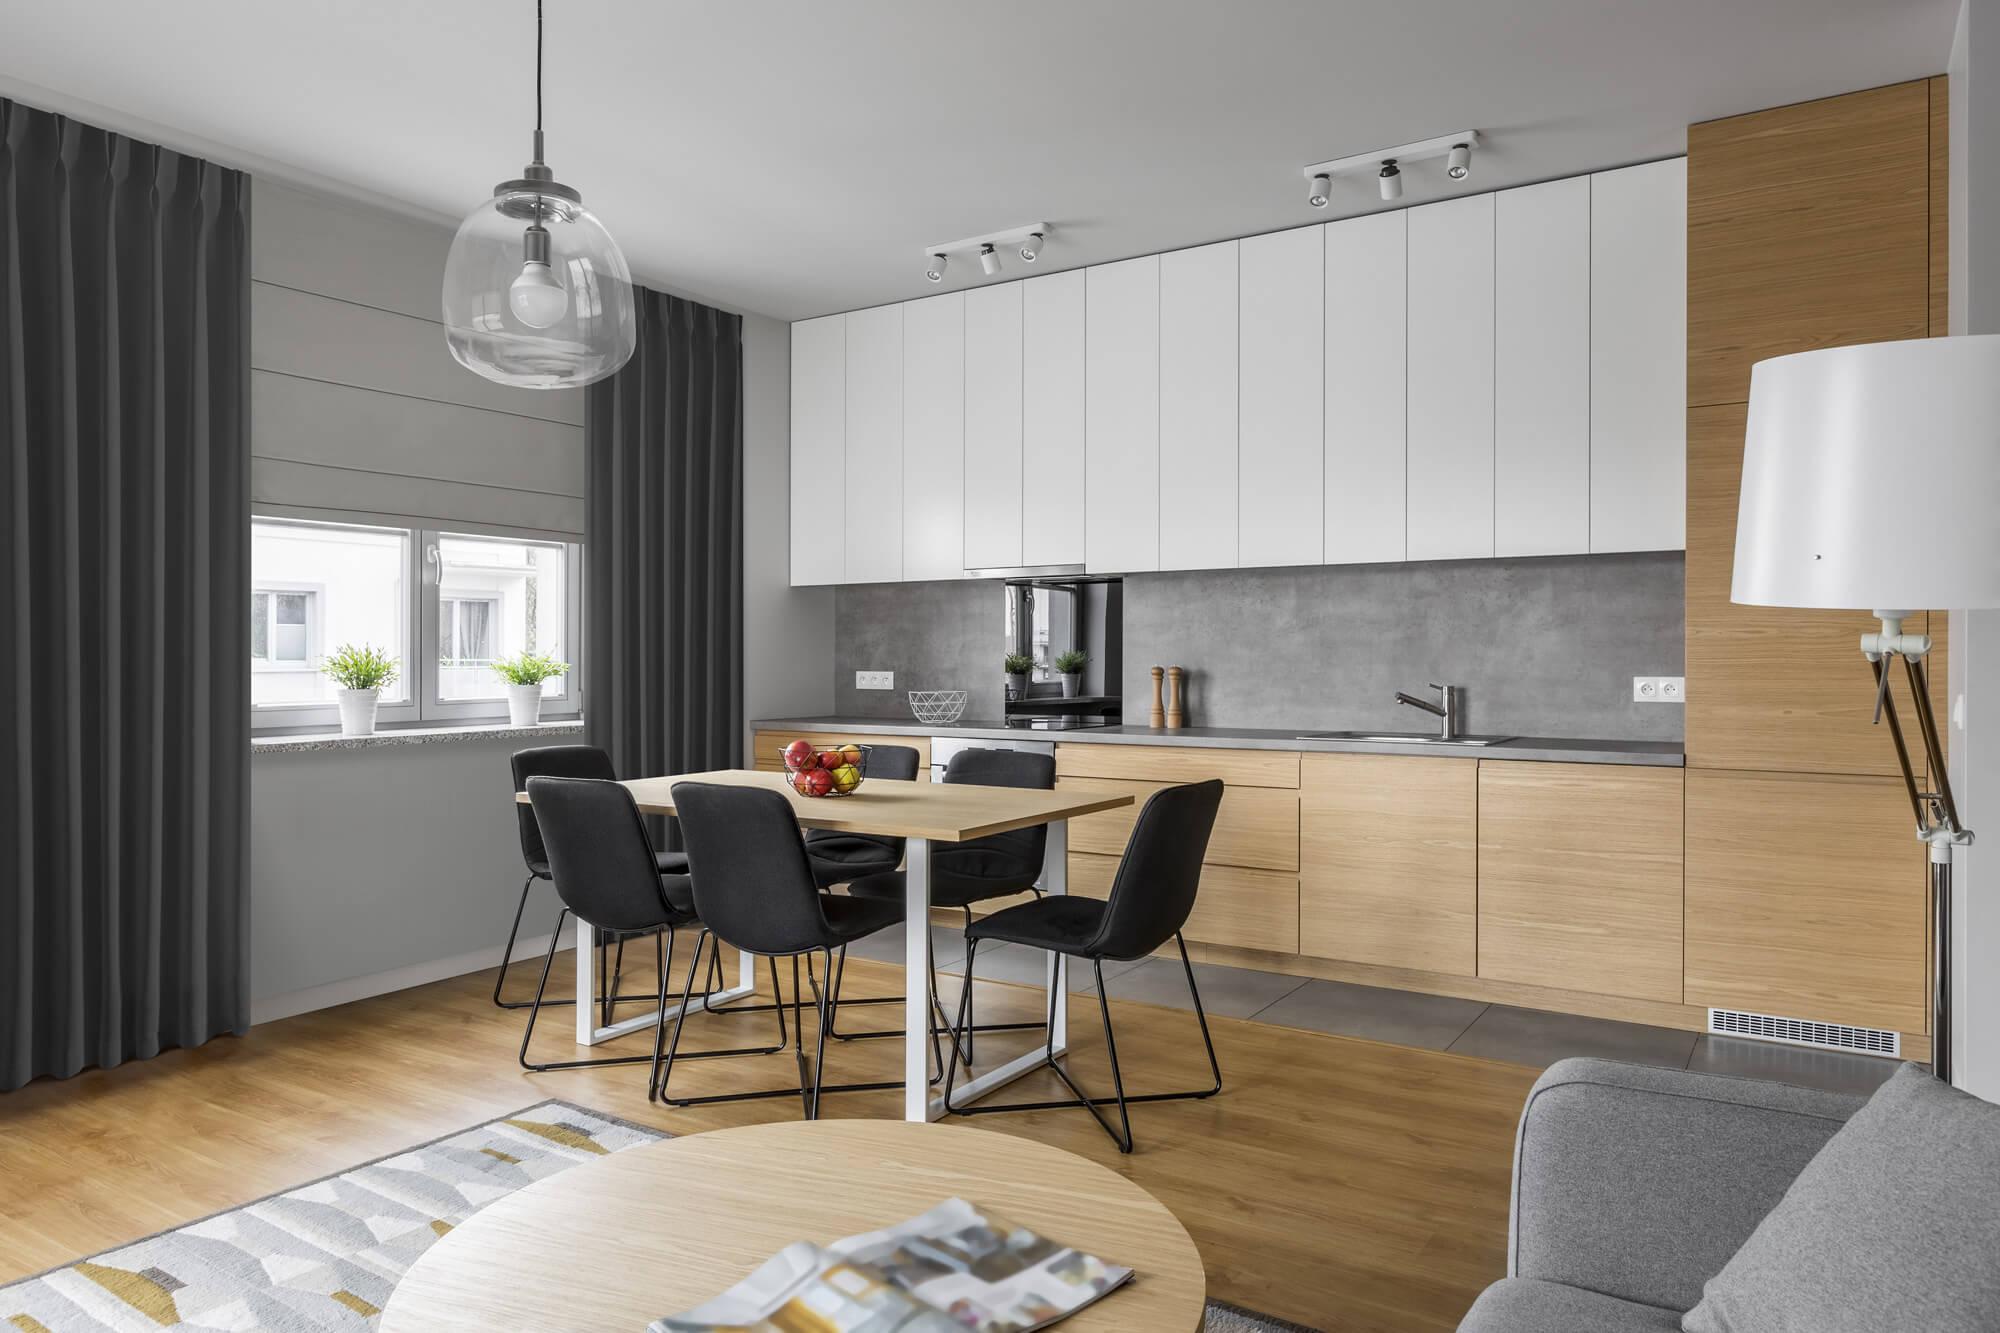 Jak optycznie powiększyć okno w kuchni? – aranżacja kuchni z oknem